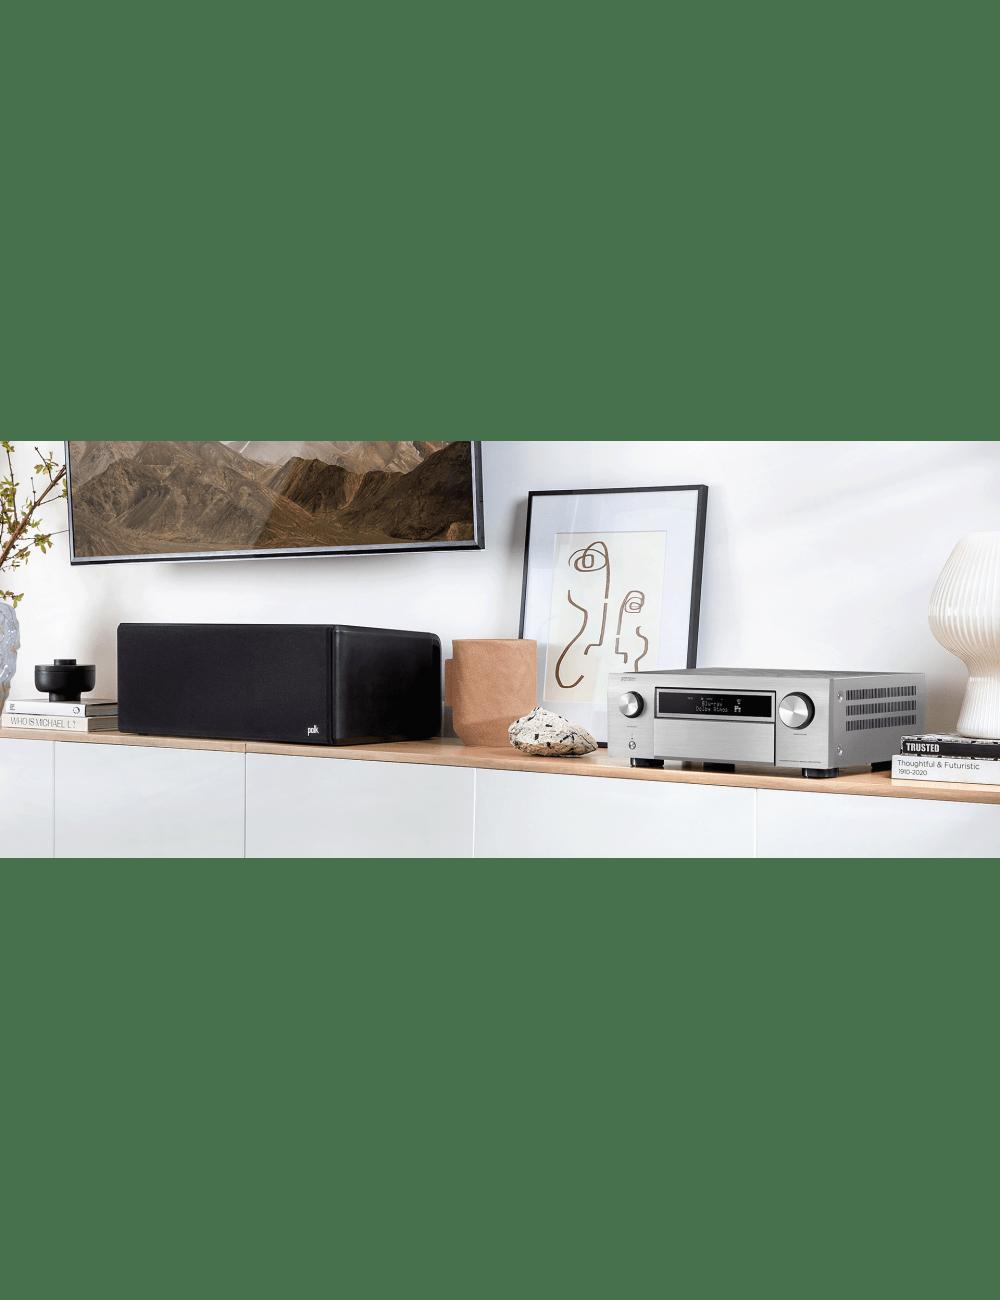 Sintoamplificatore AV 11.2 canali 8K Ultra HD con Audio 3D e HEOS, Denon AVR-X6700H, lifestyle, finitura Silver